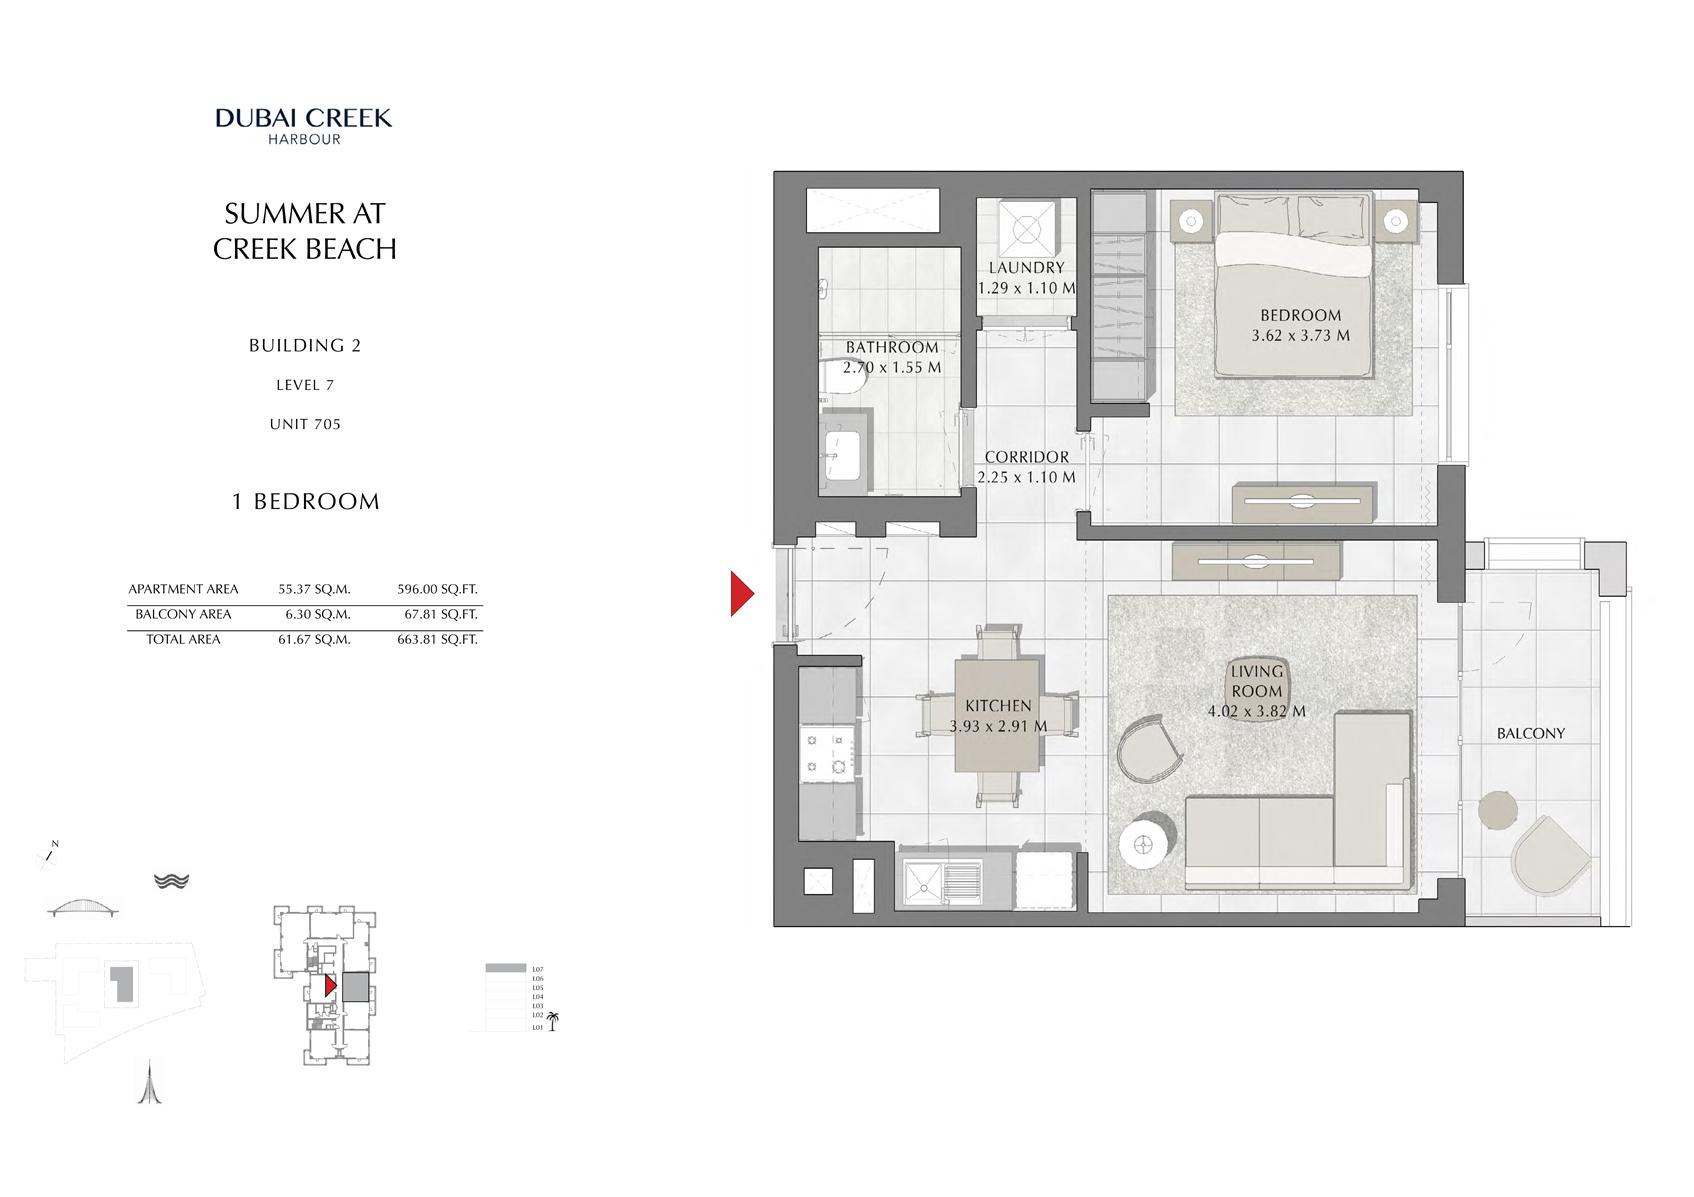 1 Br Building 2 Level 7 Unit 705, Size 663 Sq Ft